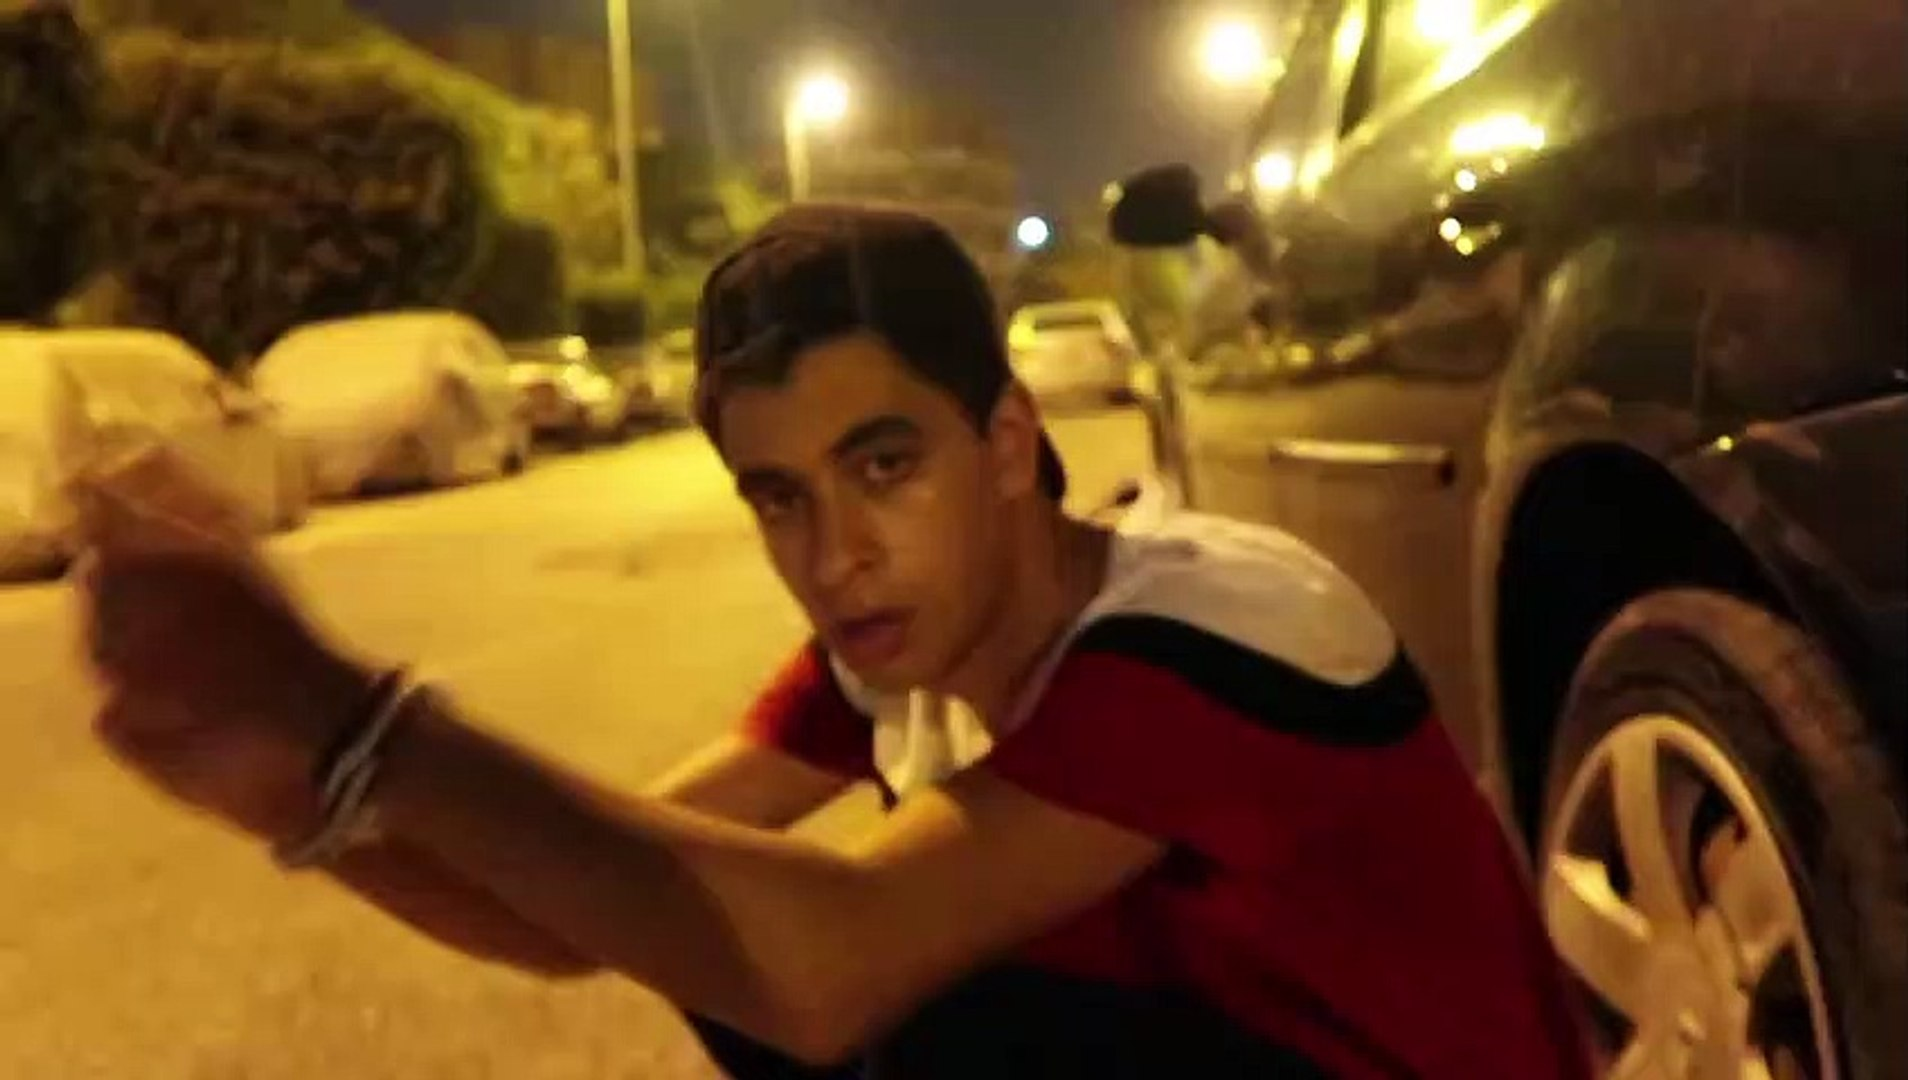 هل اتقبض علي محمد خالد بسبب الديس تراك ؟